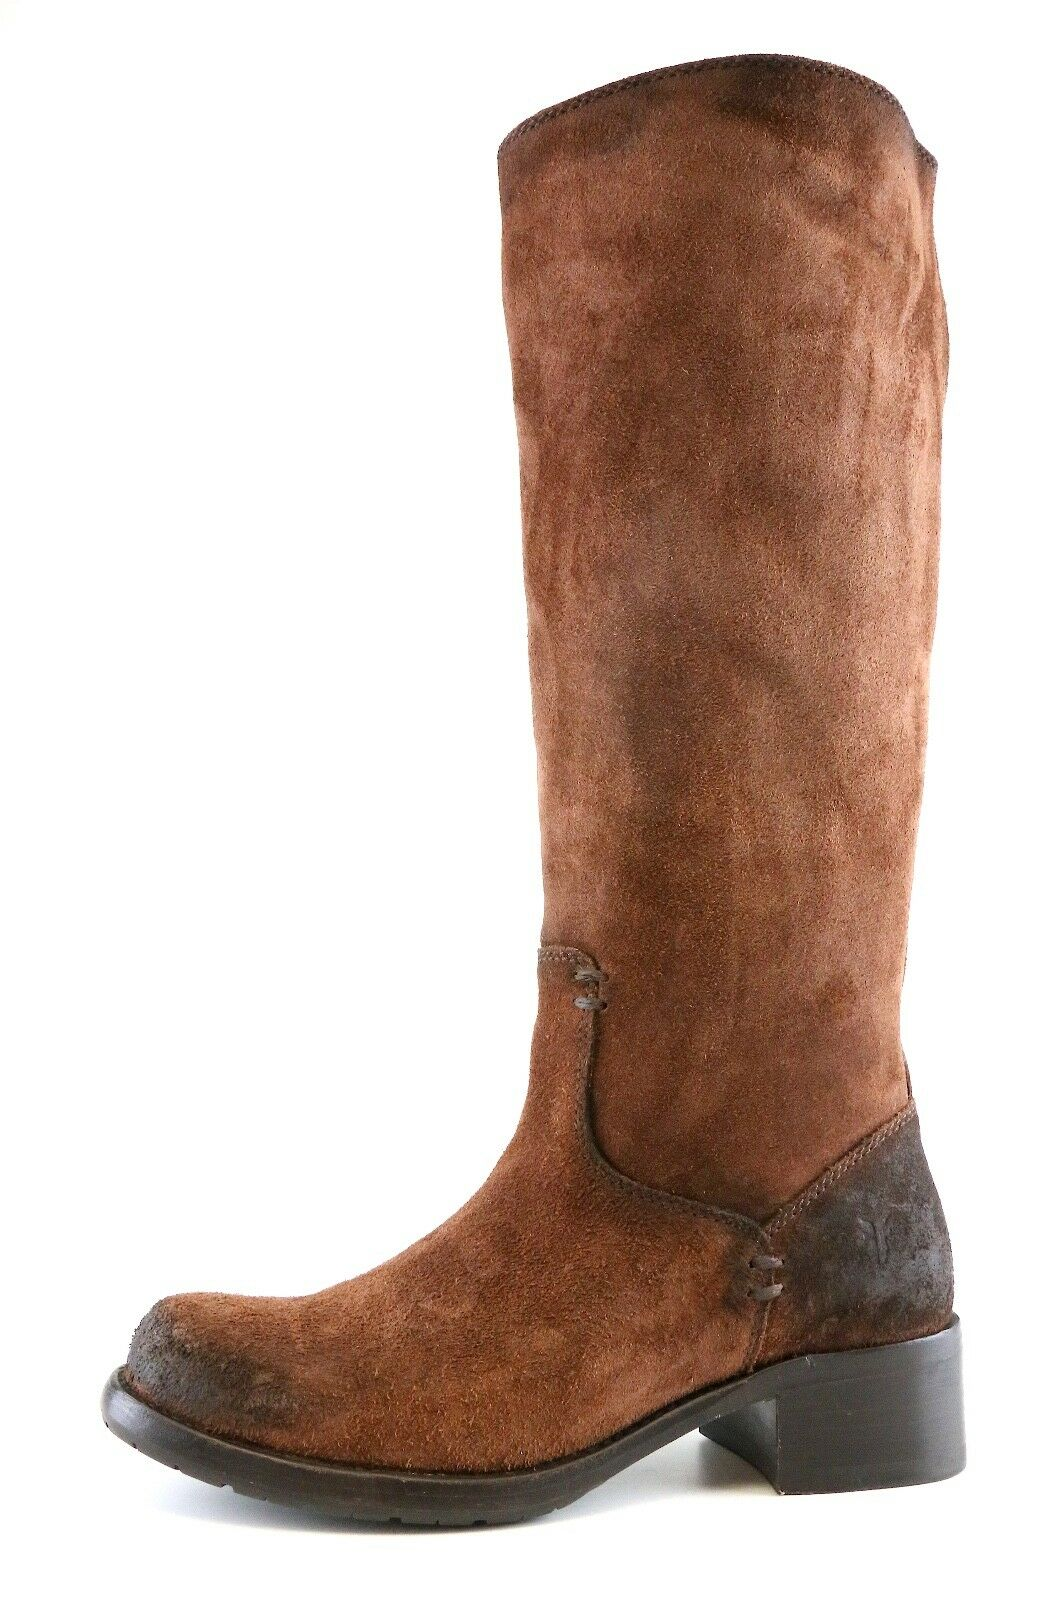 FRYE FRYE FRYE Elena Pull On Suede Boots Brown Women Sz 7 B 6777  149c25